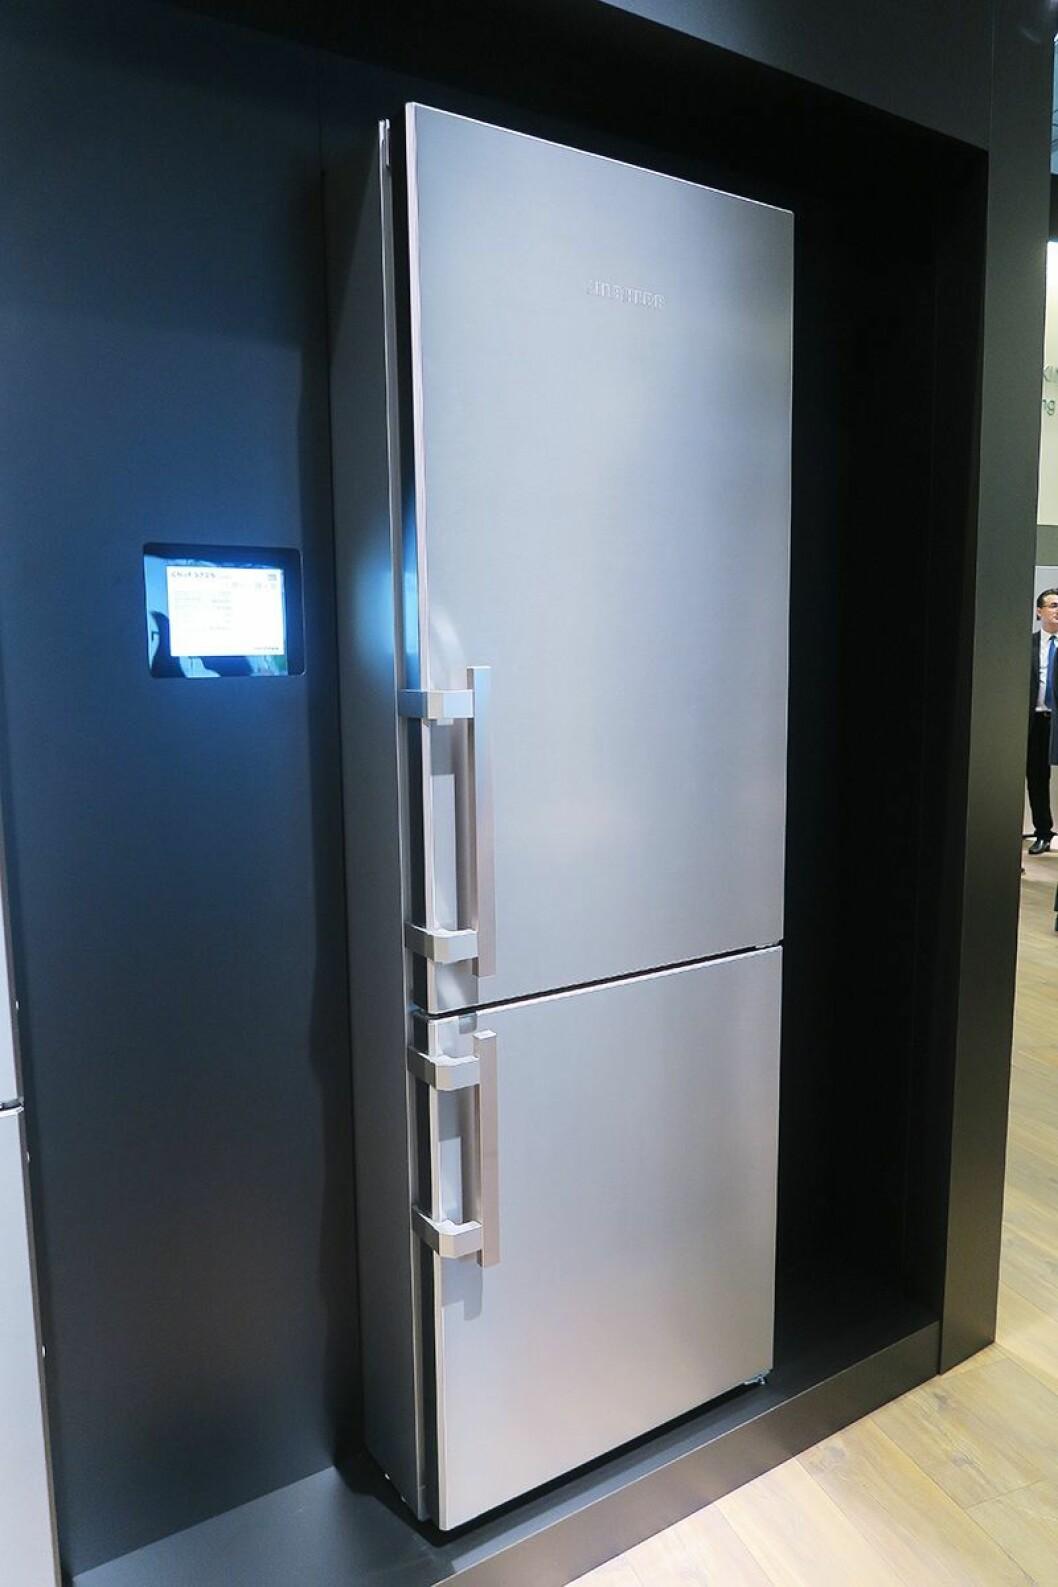 Det nye kjøleskapet Cnef5715 er 201 cm høyt og 70 cm bredt. Foto: Cathrine Pedersen.